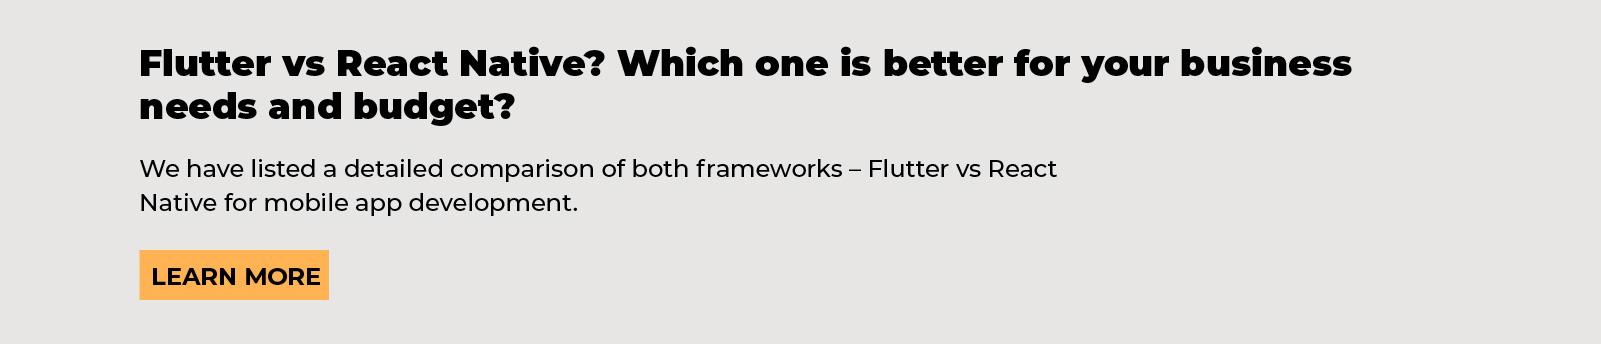 flutter app development, flutter vs react native, which software development is better for cross-platform, agiletech